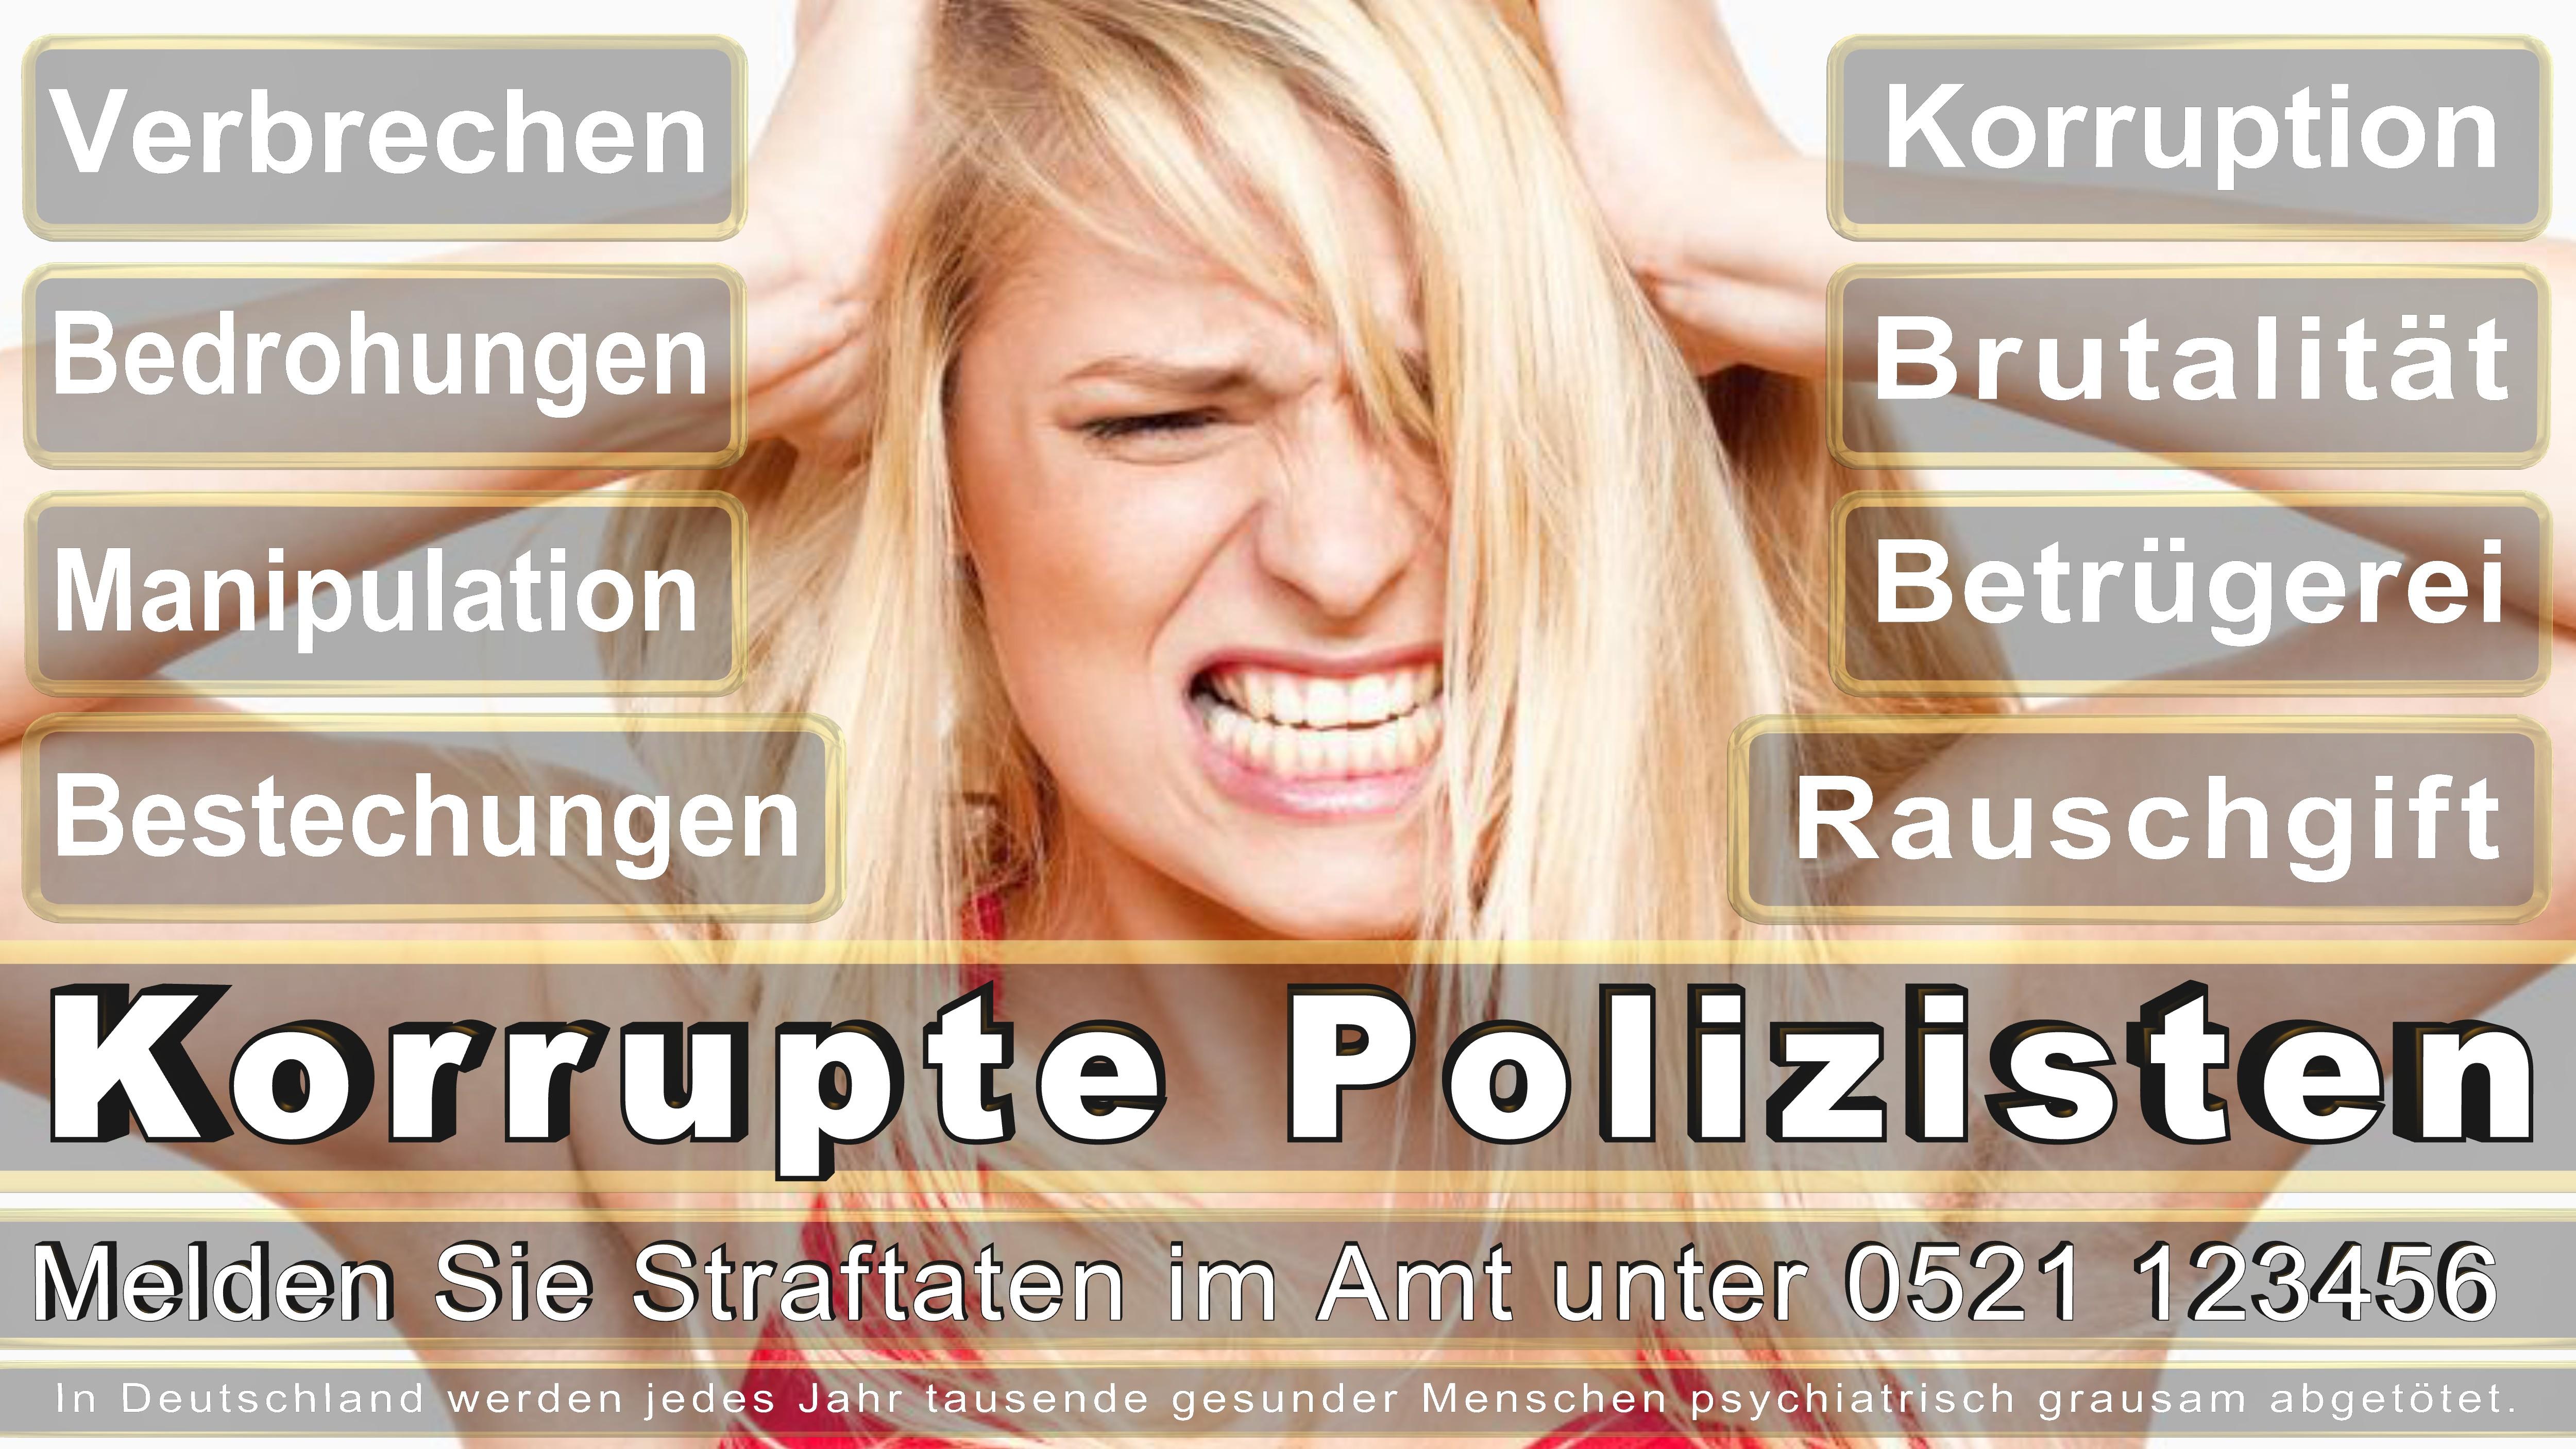 Polizei Bielefeld Nrw Cdu Bielefeld